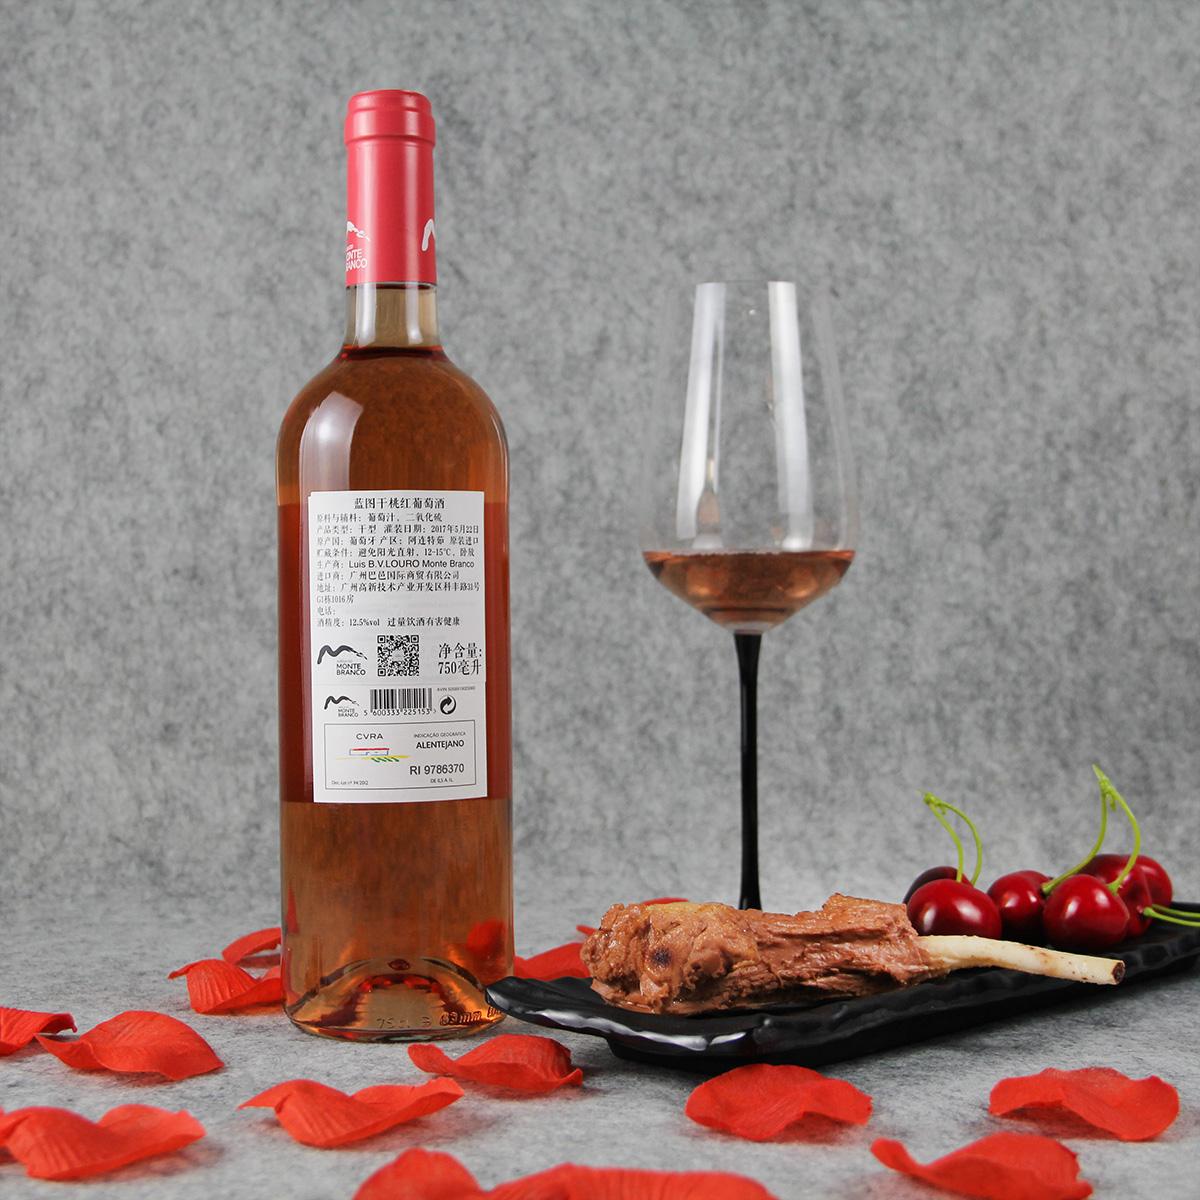 葡萄牙阿连特茹蒙特布兰科酒庄蓝图混酿干桃红葡萄酒